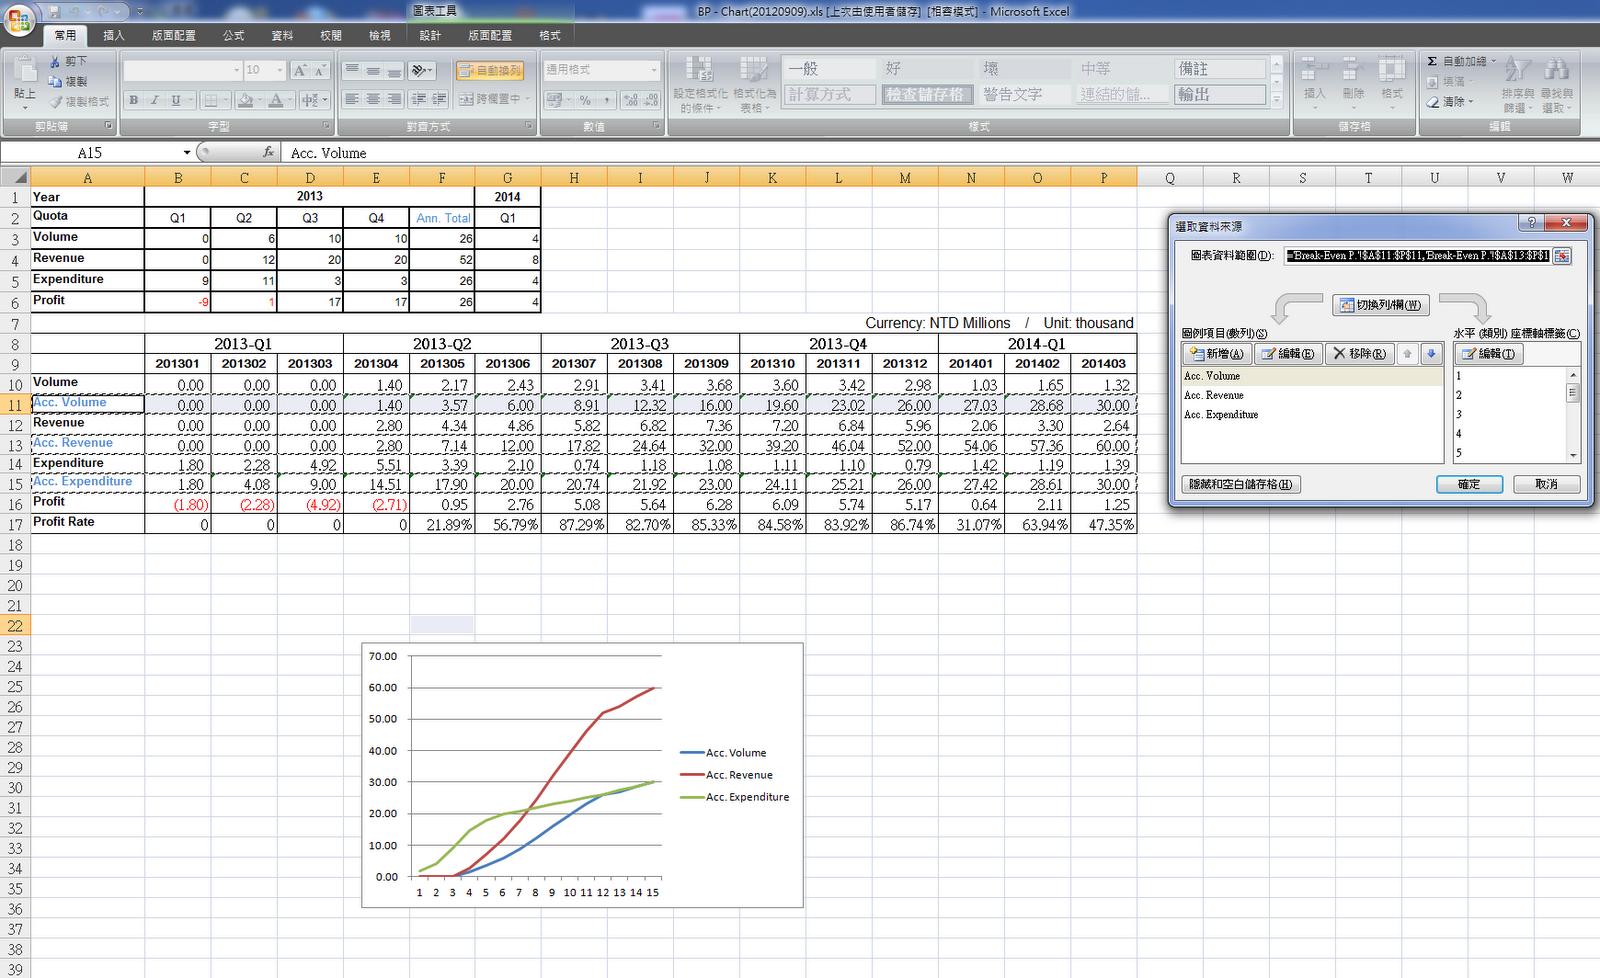 如何用excel做圖表|- 如何用excel做圖表| - 快熱資訊 - 走進時代